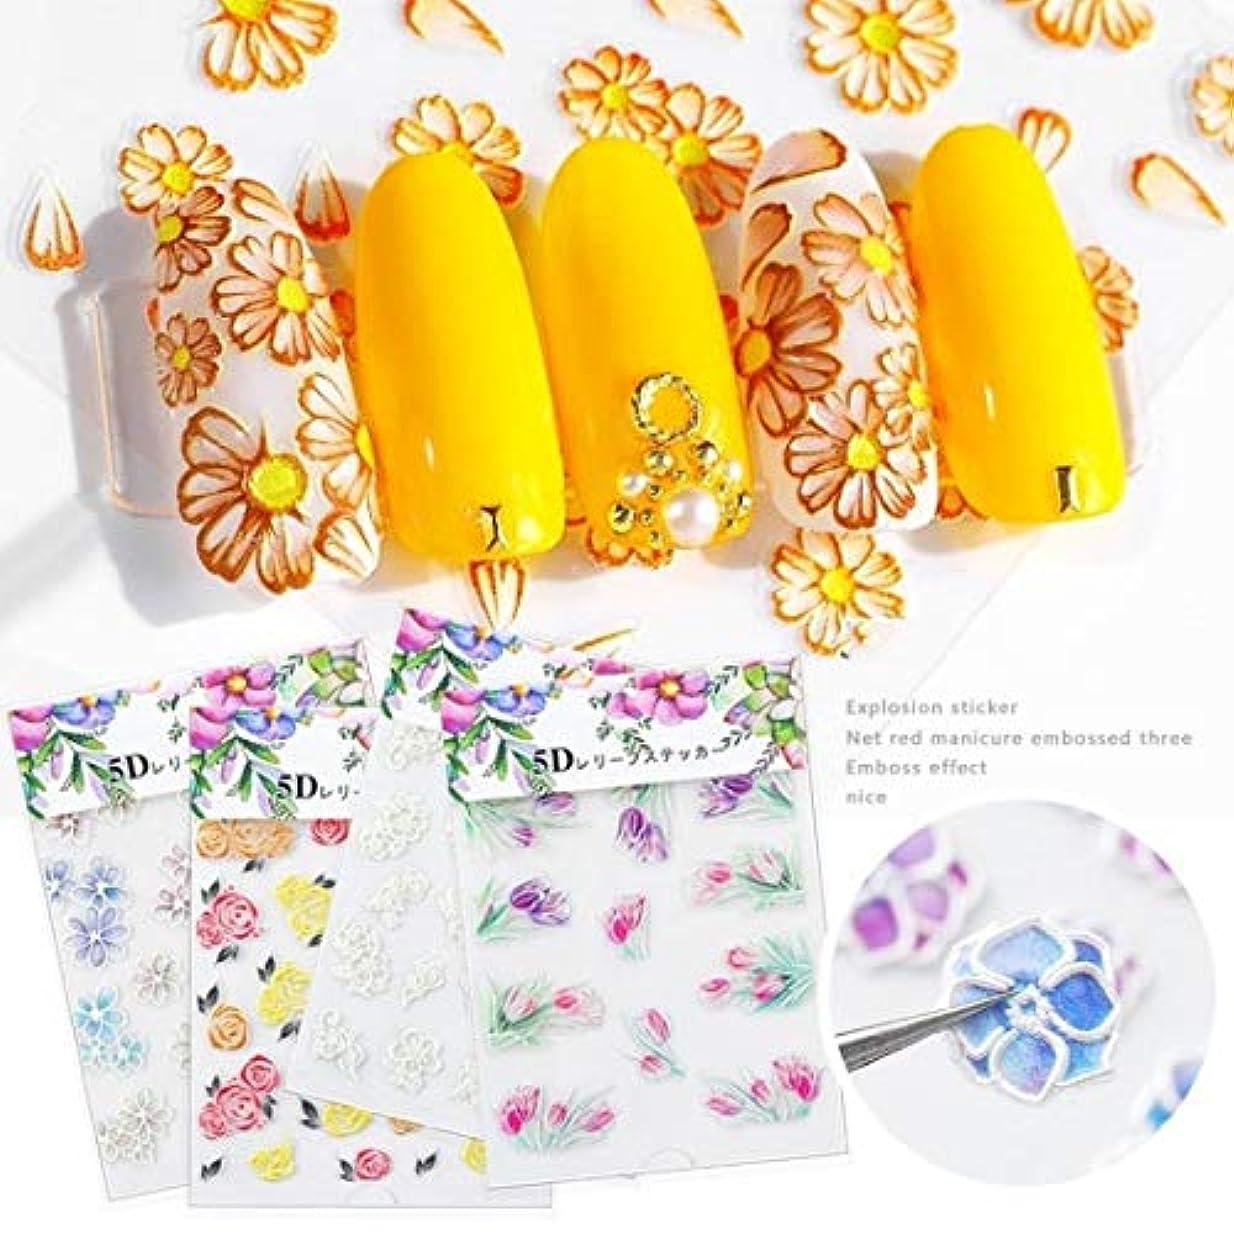 先のことを考えるに関して知覚できるKerwinner 5Dネイルステッカーセット10枚の花柄自己粘着転写デカールネイルアートマニキュア装飾ツール